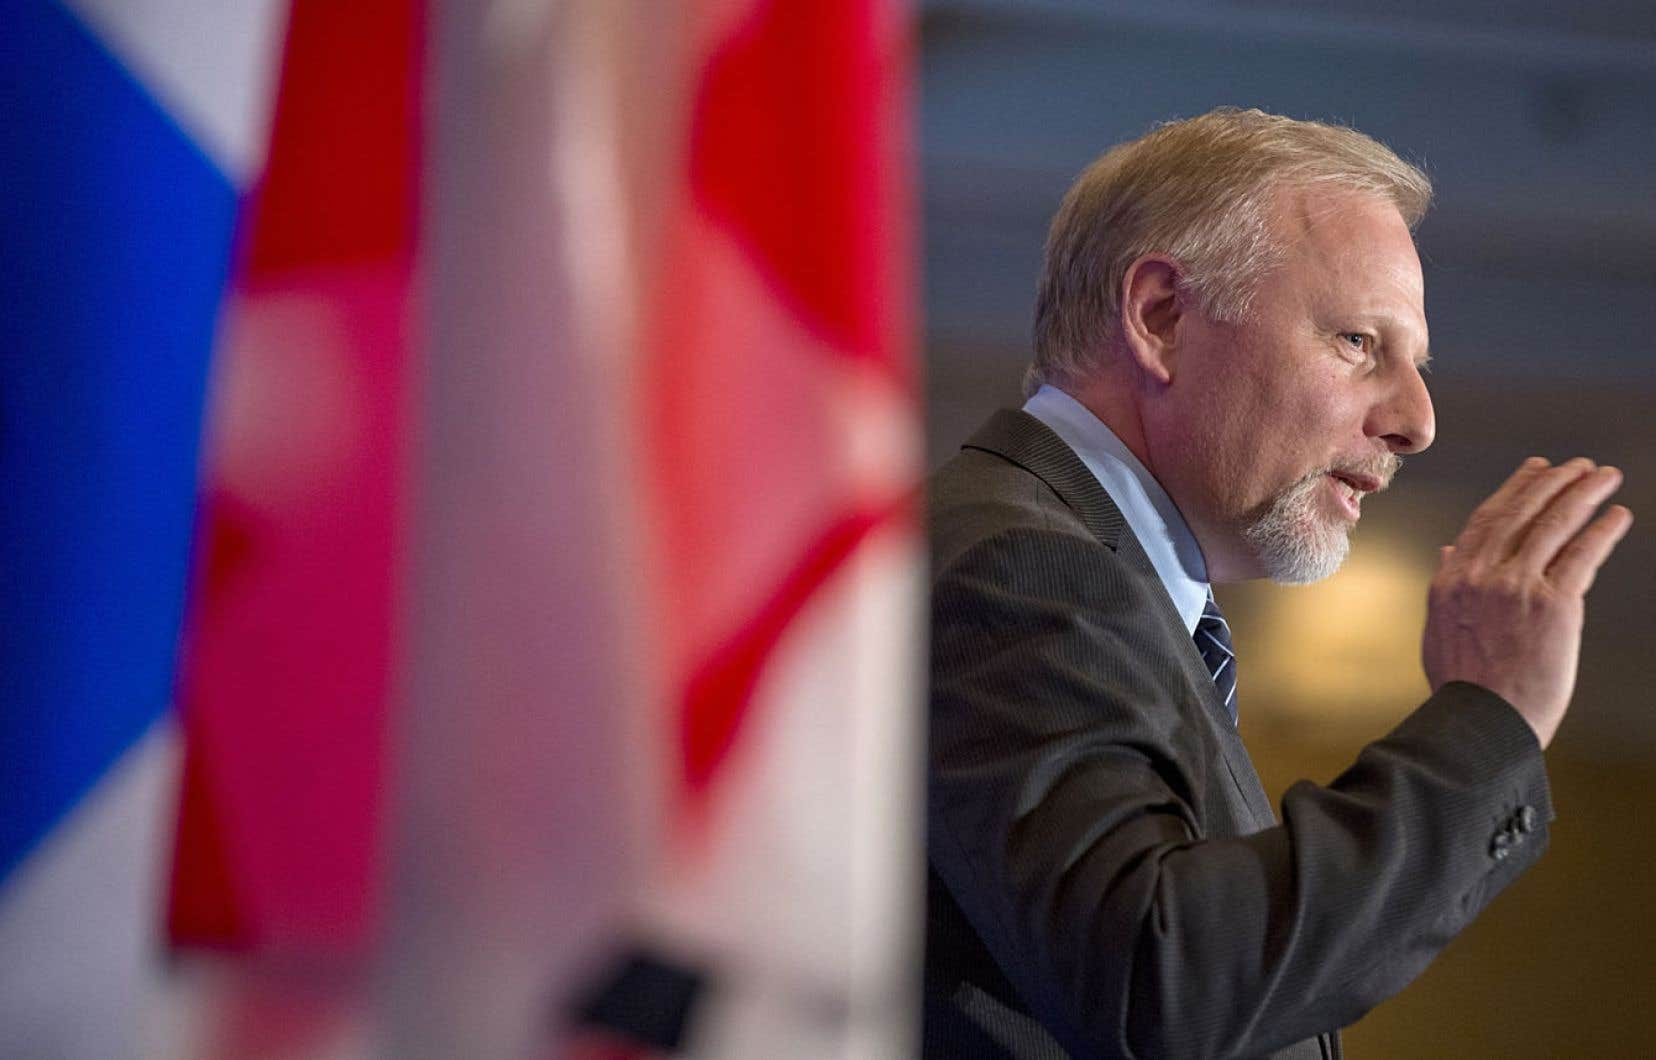 Devant l'Institut Jean Jaurès, proche du Parti socialiste, le ministre des Relations extérieures du Québec Jean-François Lisée prononçait une allocution sur «la difficulté d'être social-démocrate en Amérique du Nord».